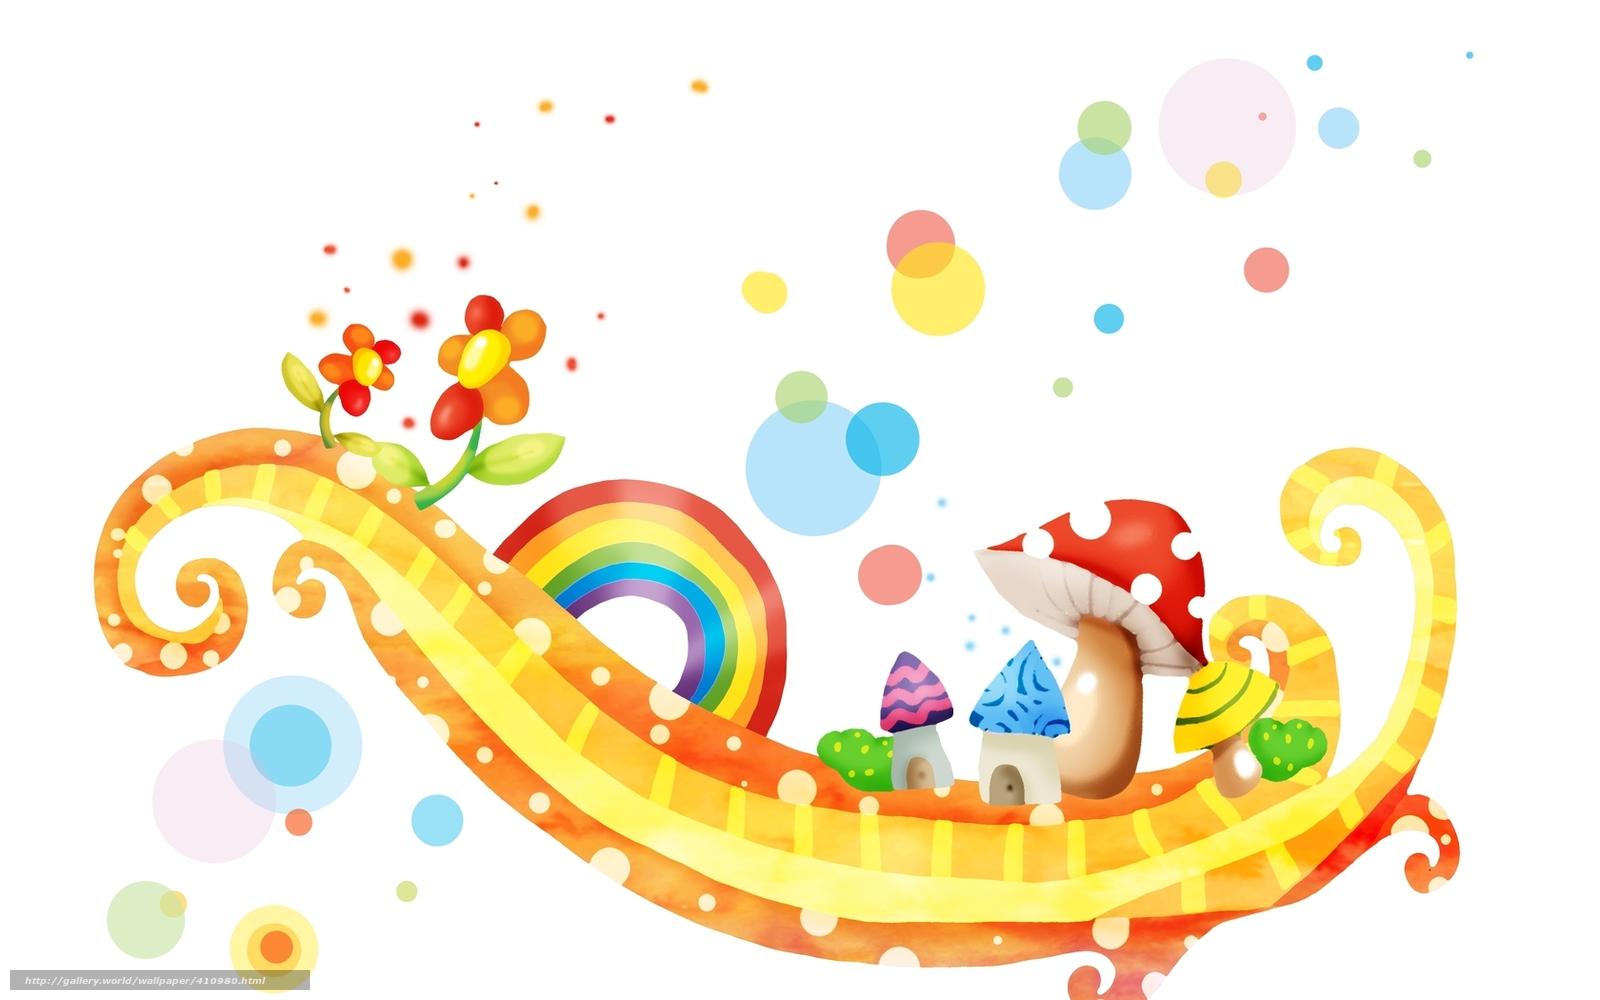 Tlcharger fond d 39 ecran enfants papier peint champignons for Papier peint pour bureau gratuit